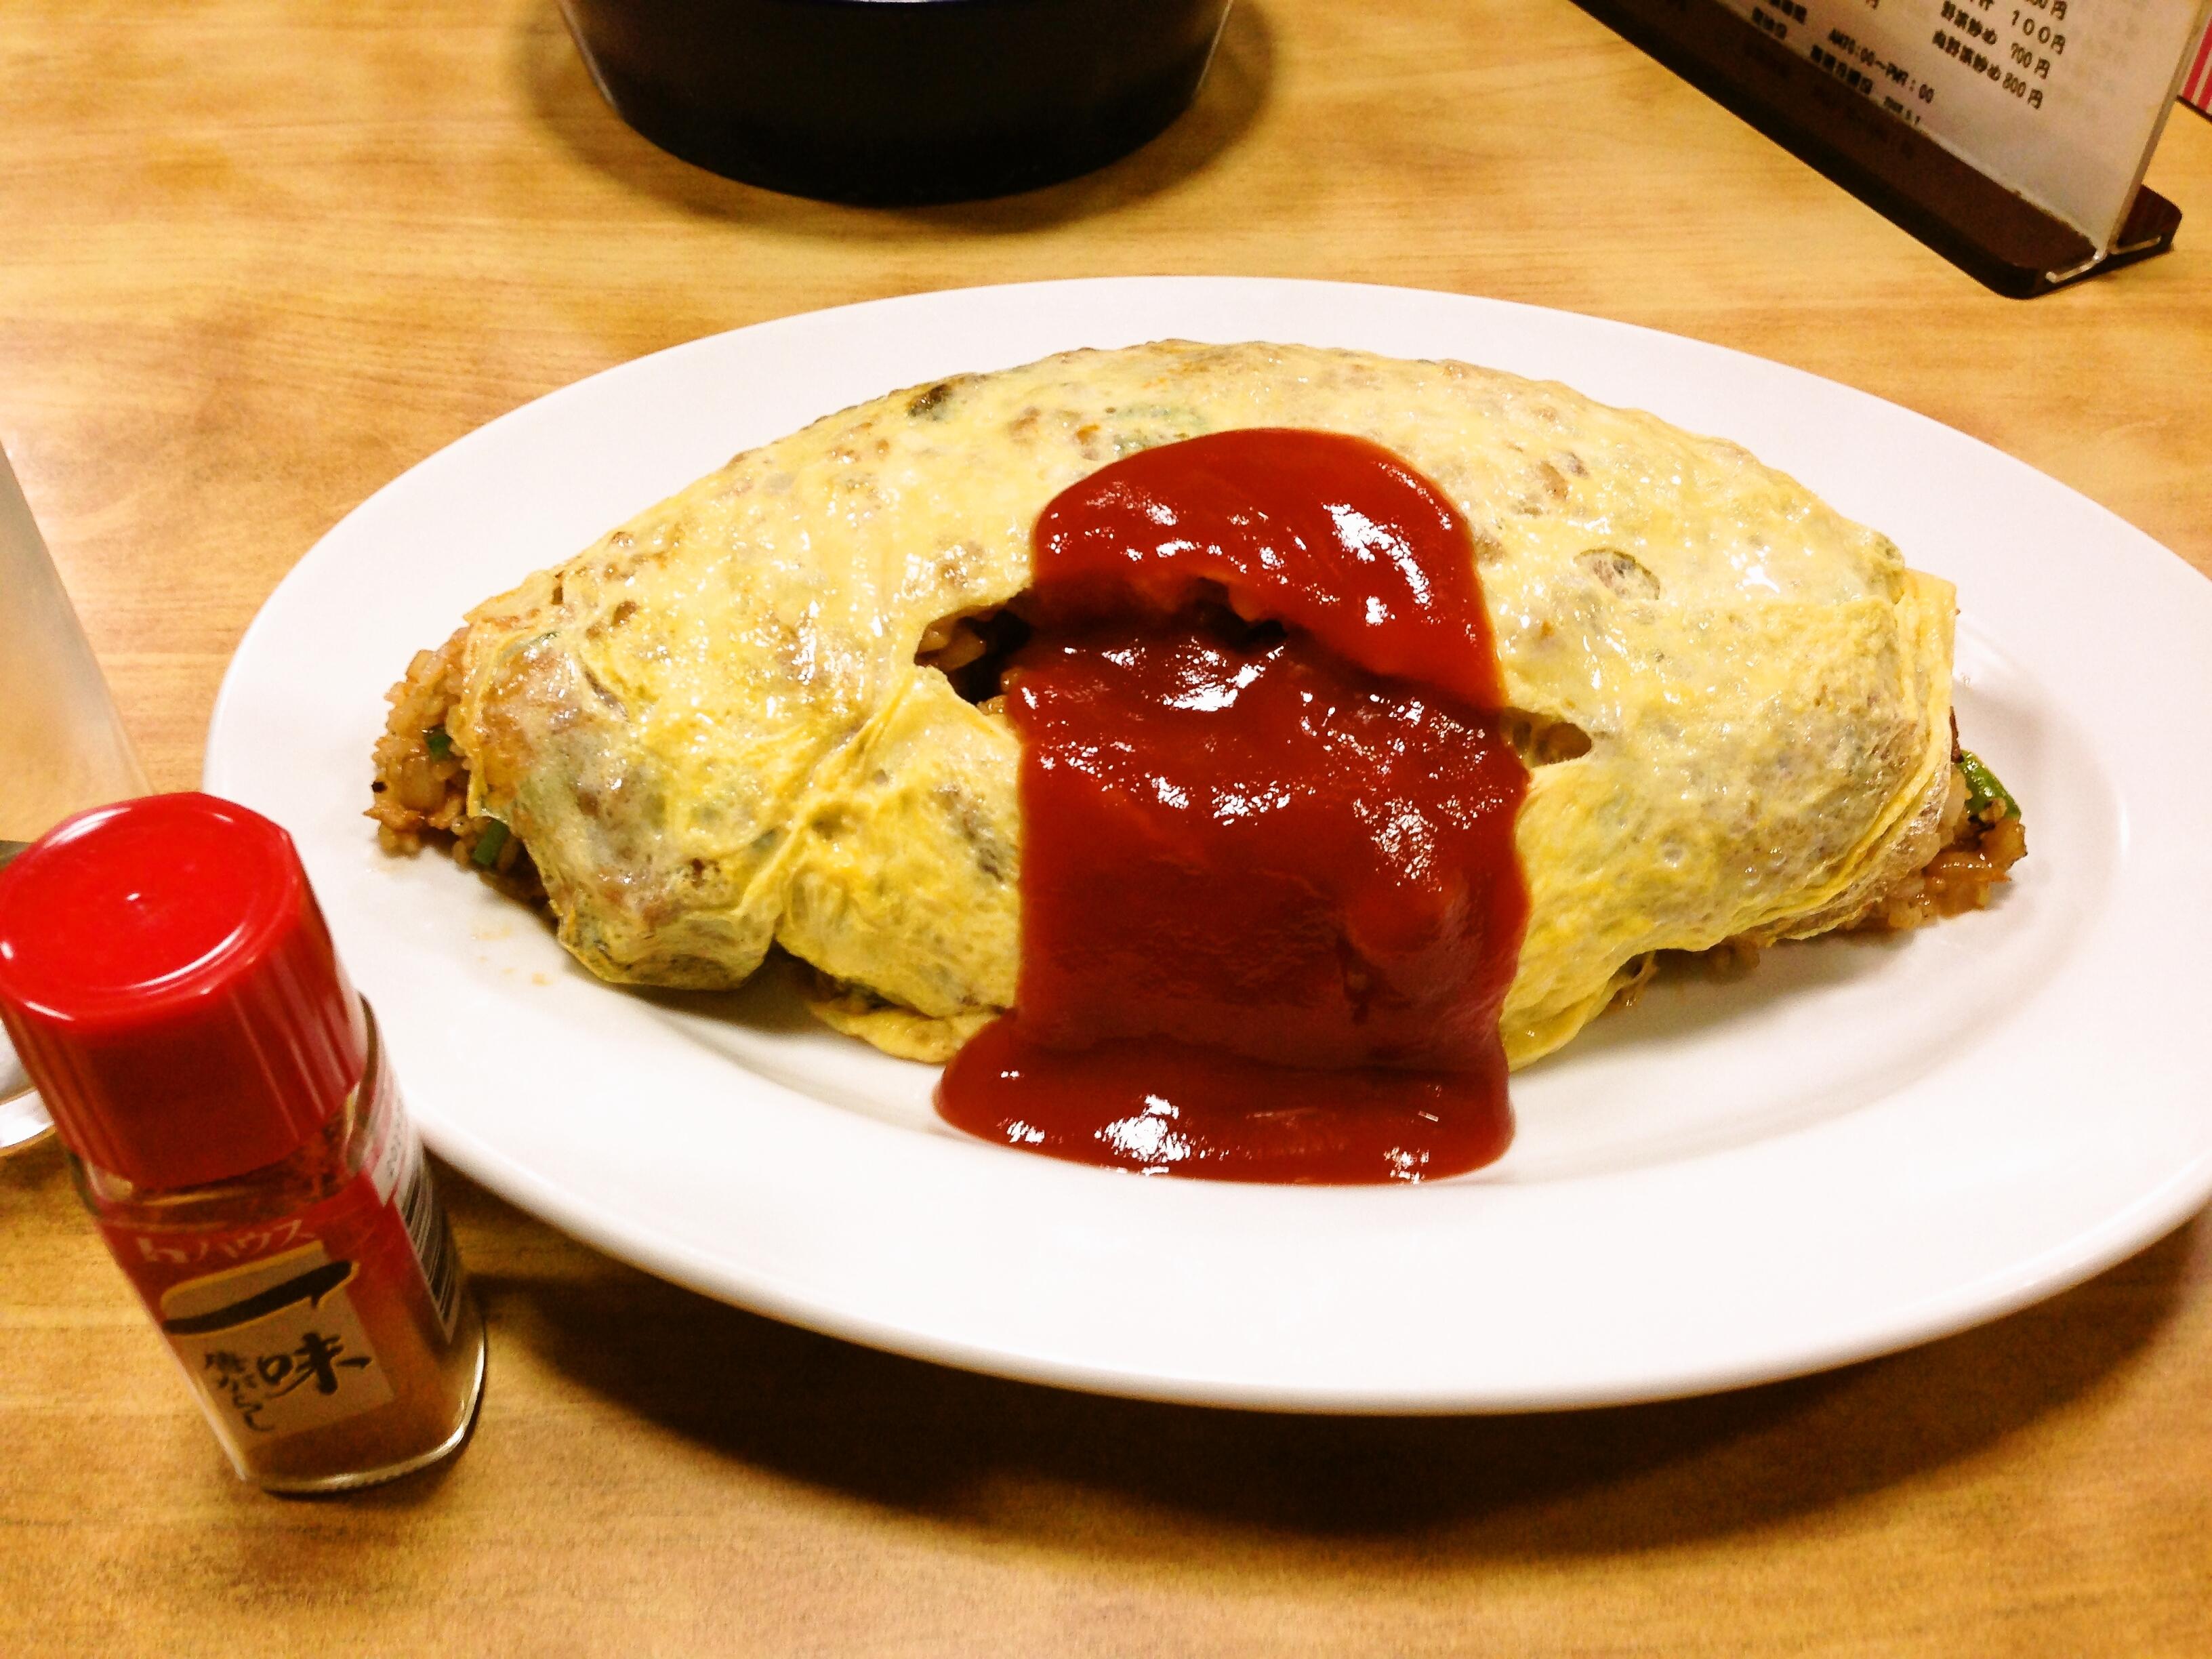 富山市のランチ!おすすめの人気店はココ!安いけど旨い昼食はコスパが最高!